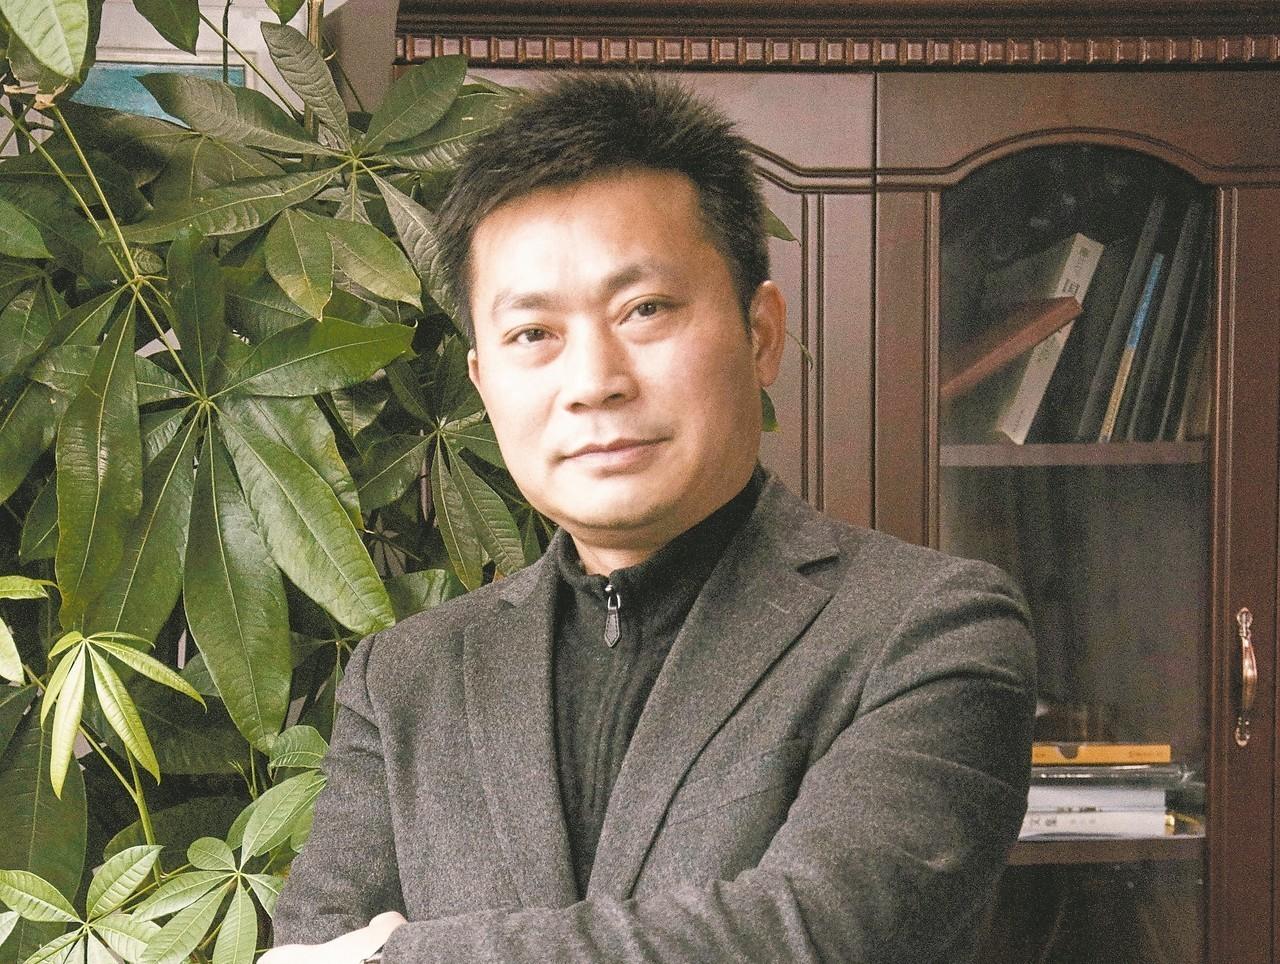 淘帝總經理周志鴻。 圖/淘帝提供